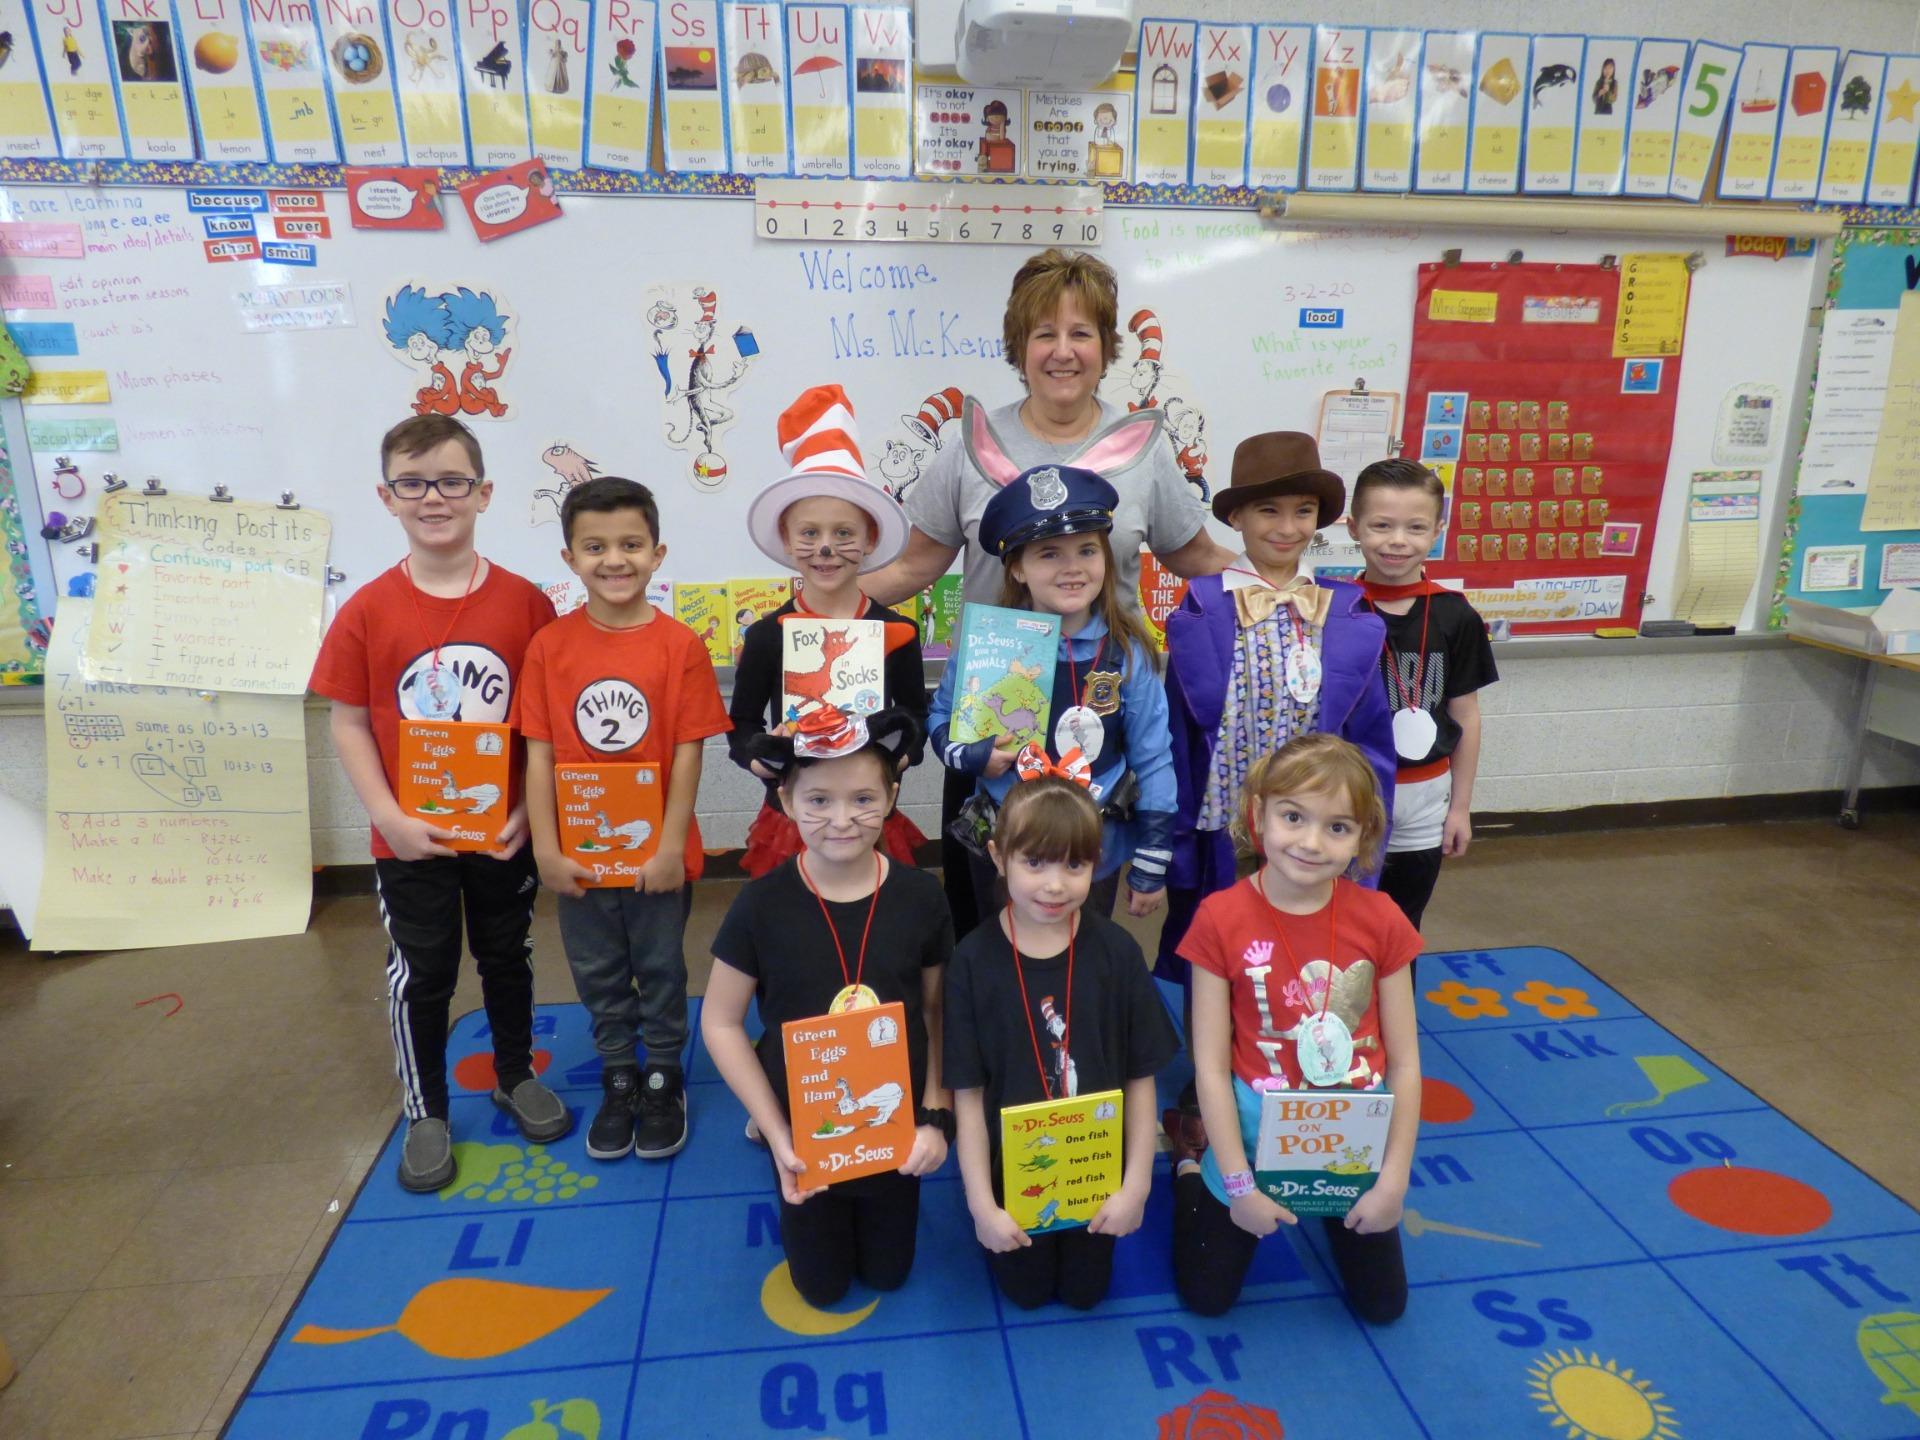 Toms River Regional Schools